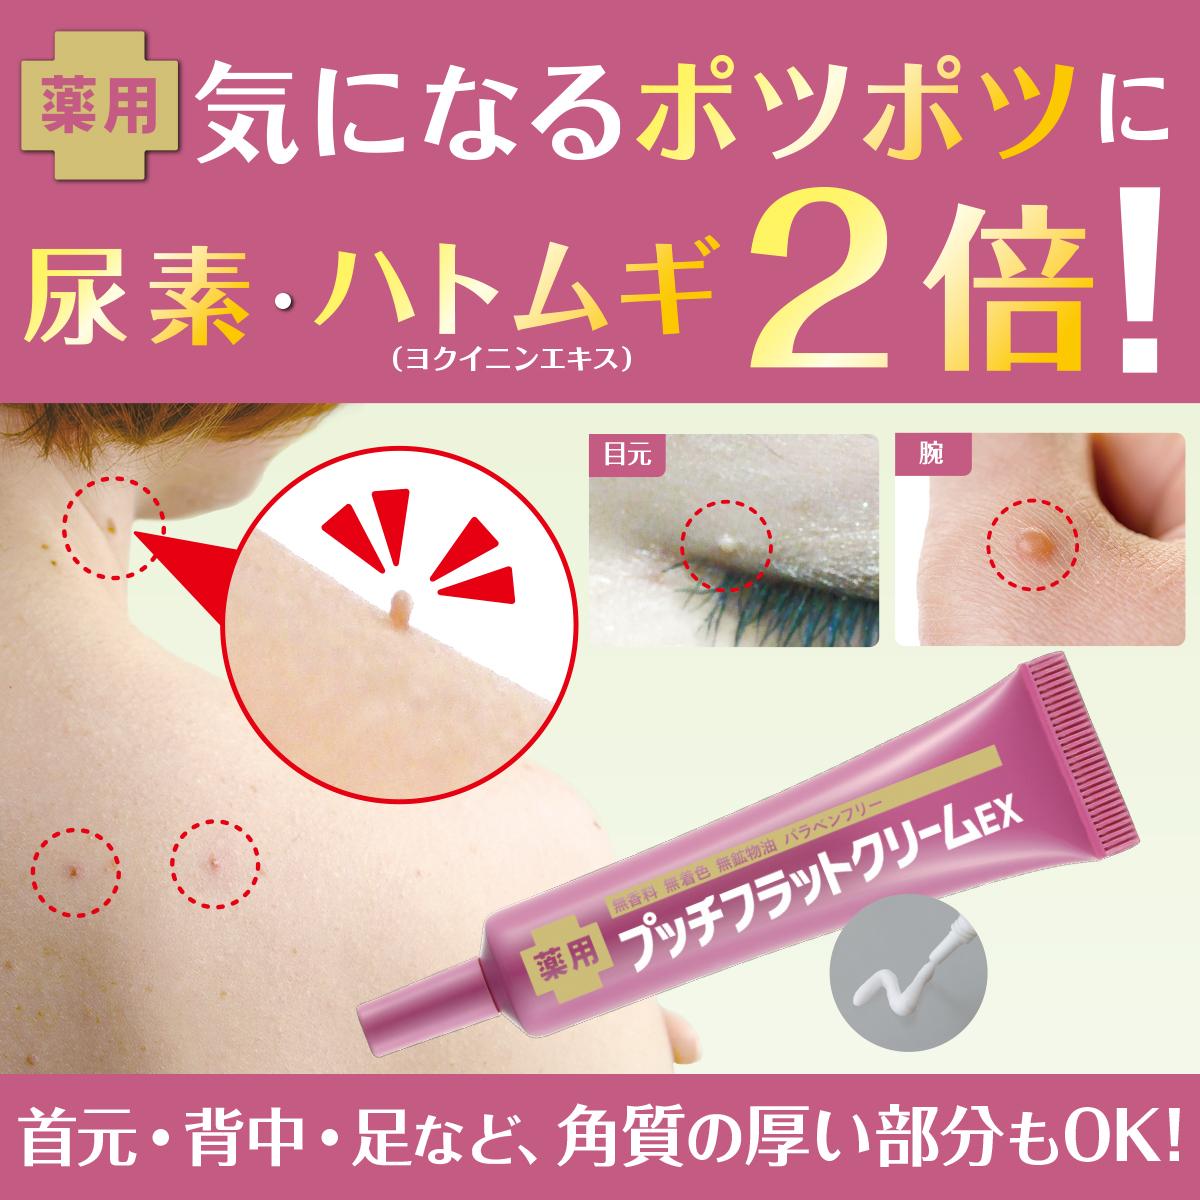 薬用プッチフラットクリームEX (医薬部外品)